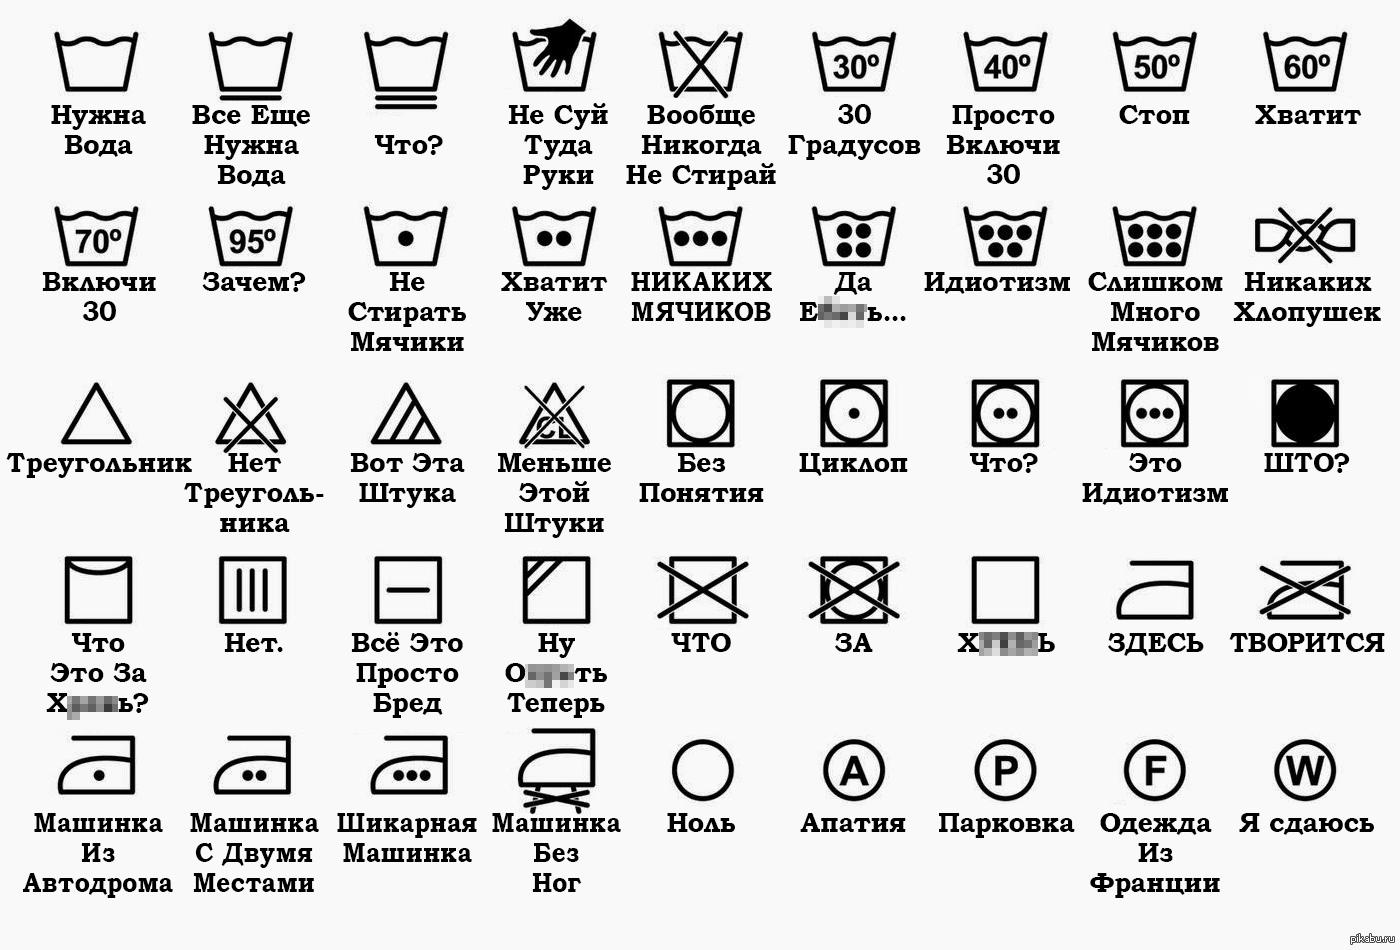 Значение значков в картинках